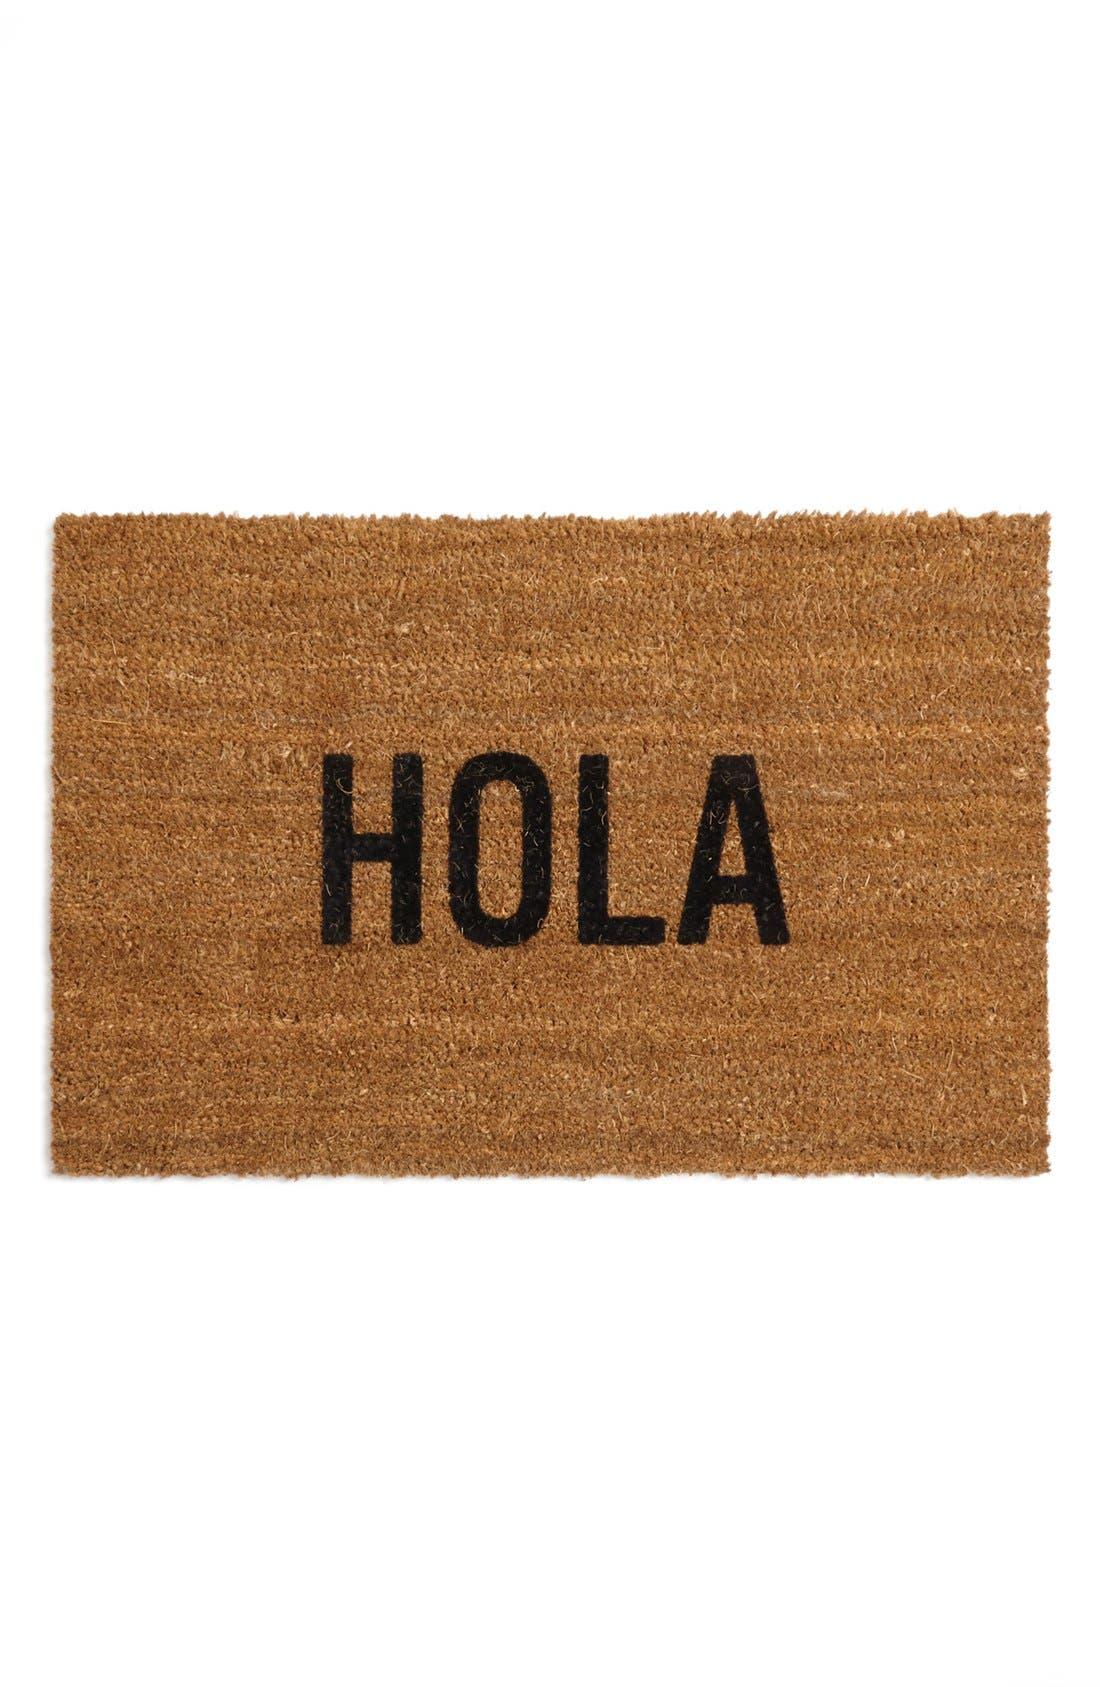 Reed Wilson Design 'Hola' Doormat